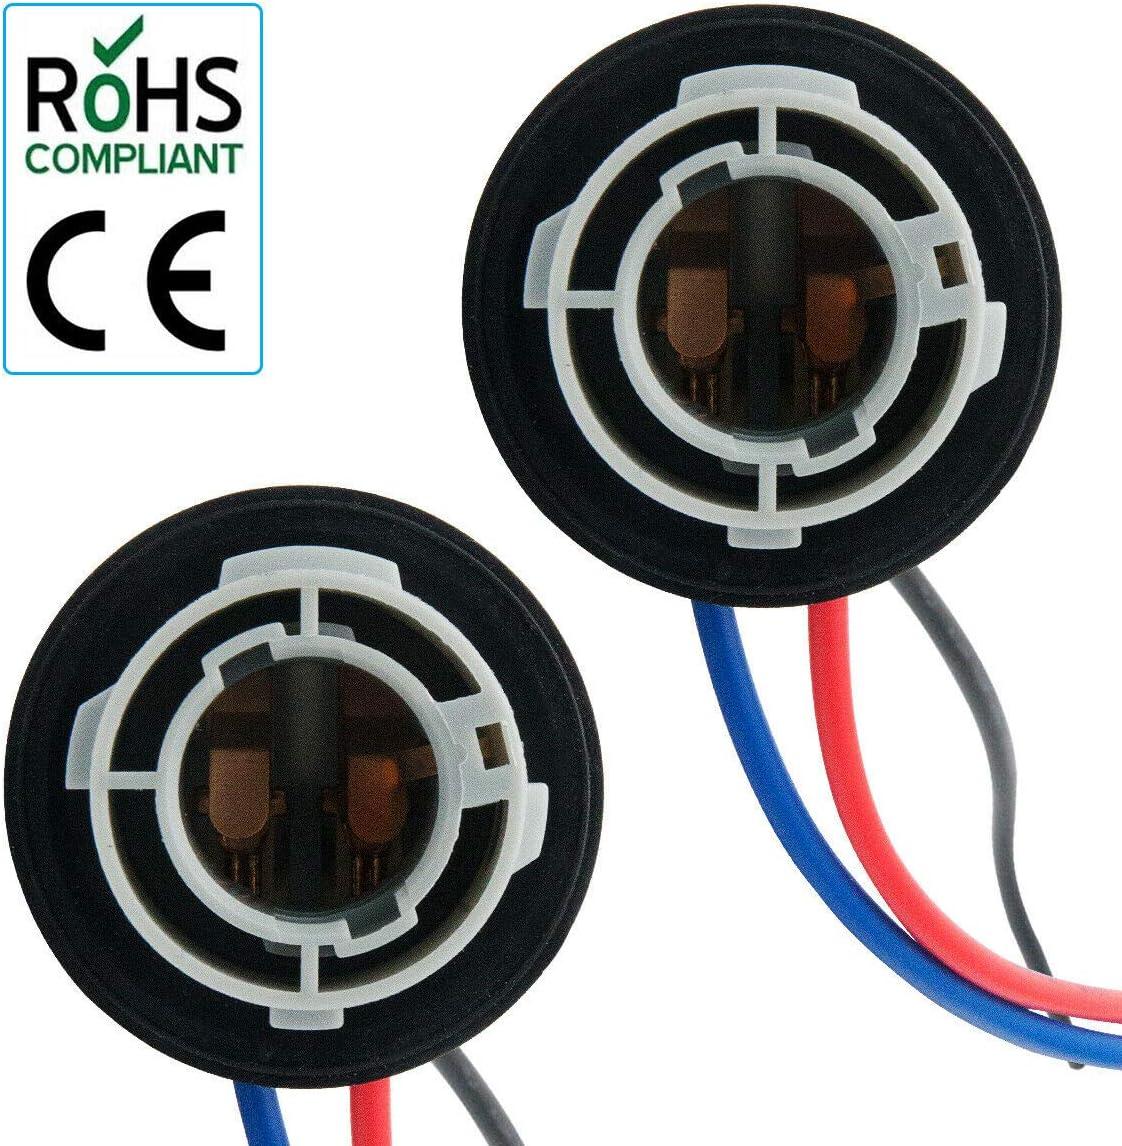 5W Adaptador Base Socket Conector Accesorios de Pl/ástico para Coche para Luz de Freno CUHAWUDBA 2 Unids 1157 Bay15D Lamp Holder Bulbs P21